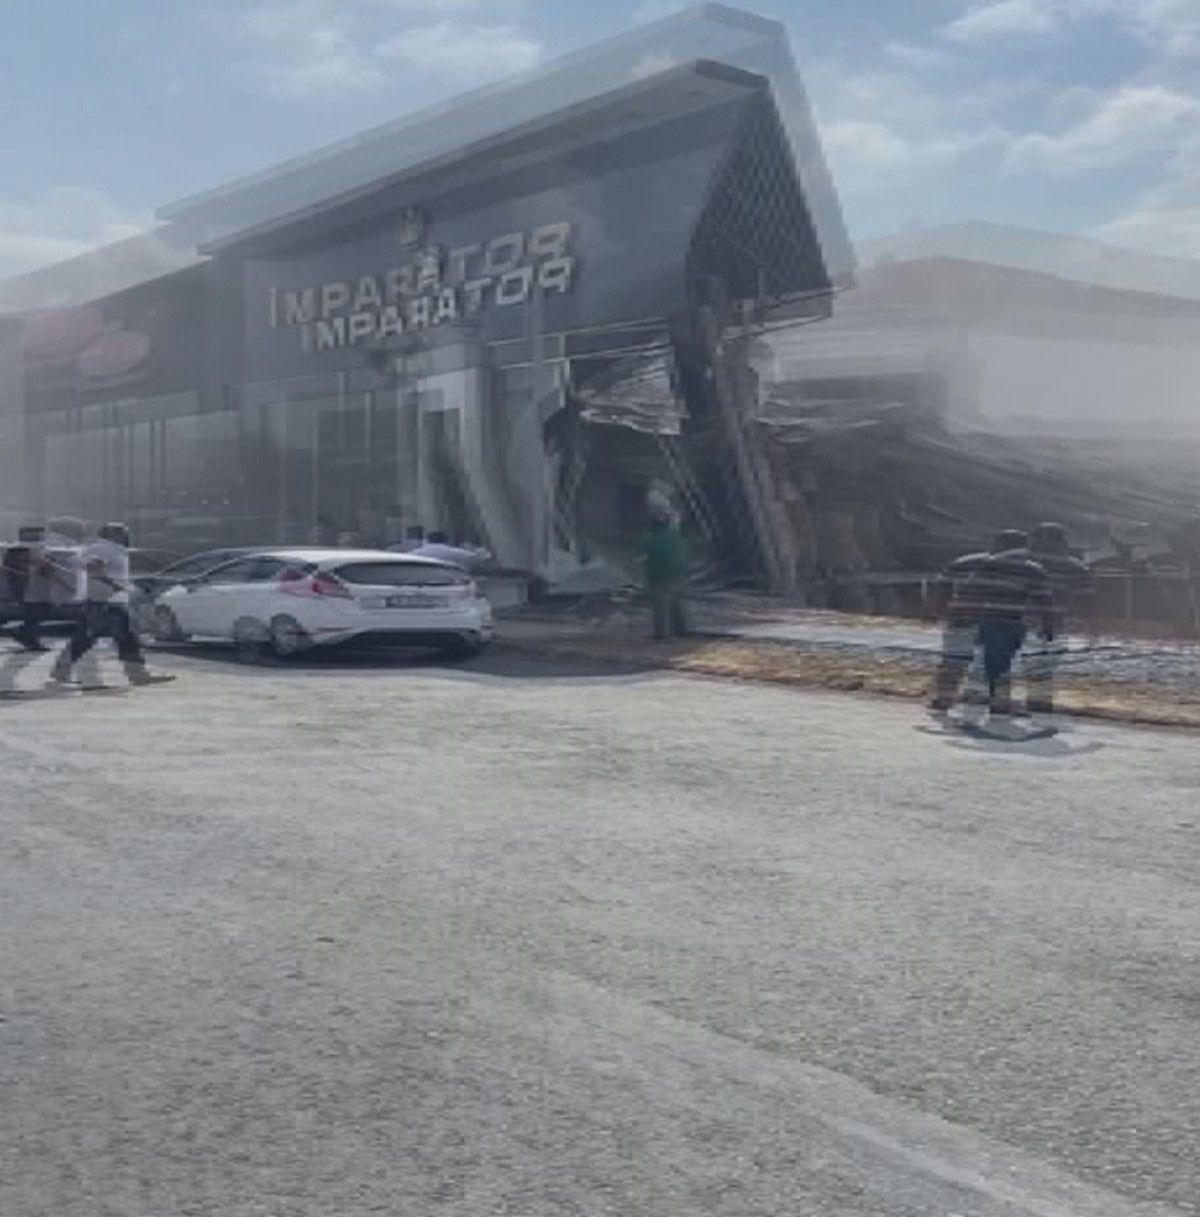 İstanbul İkitelli deki sanayi sitesinde bina çöktü #4